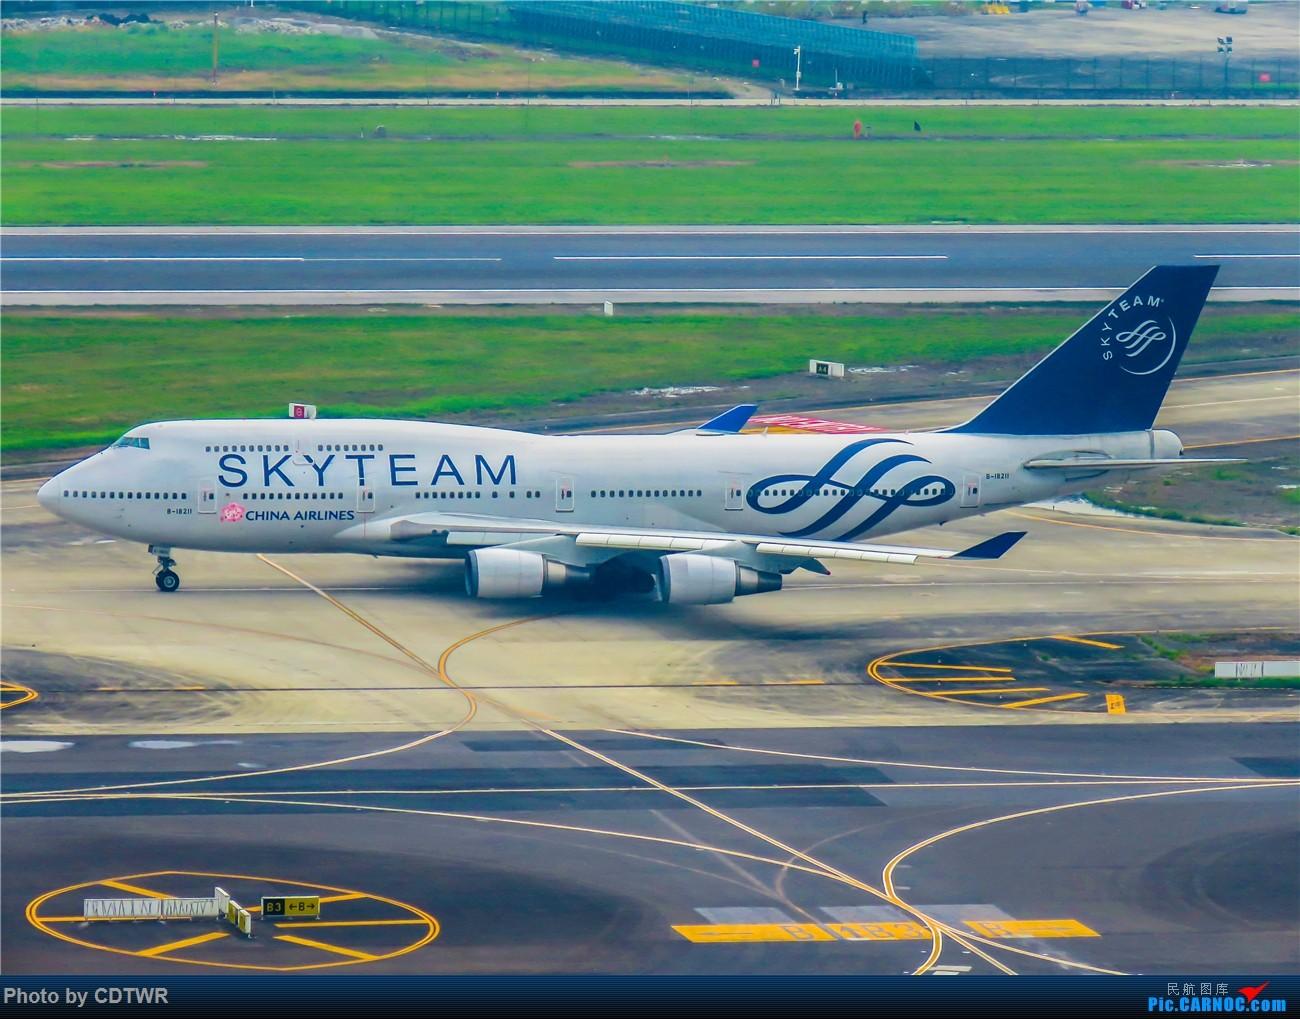 Re:[原创]换个角度拍机 成都塔台解锁 BOEING 747-400 B-18211 中国成都双流国际机场